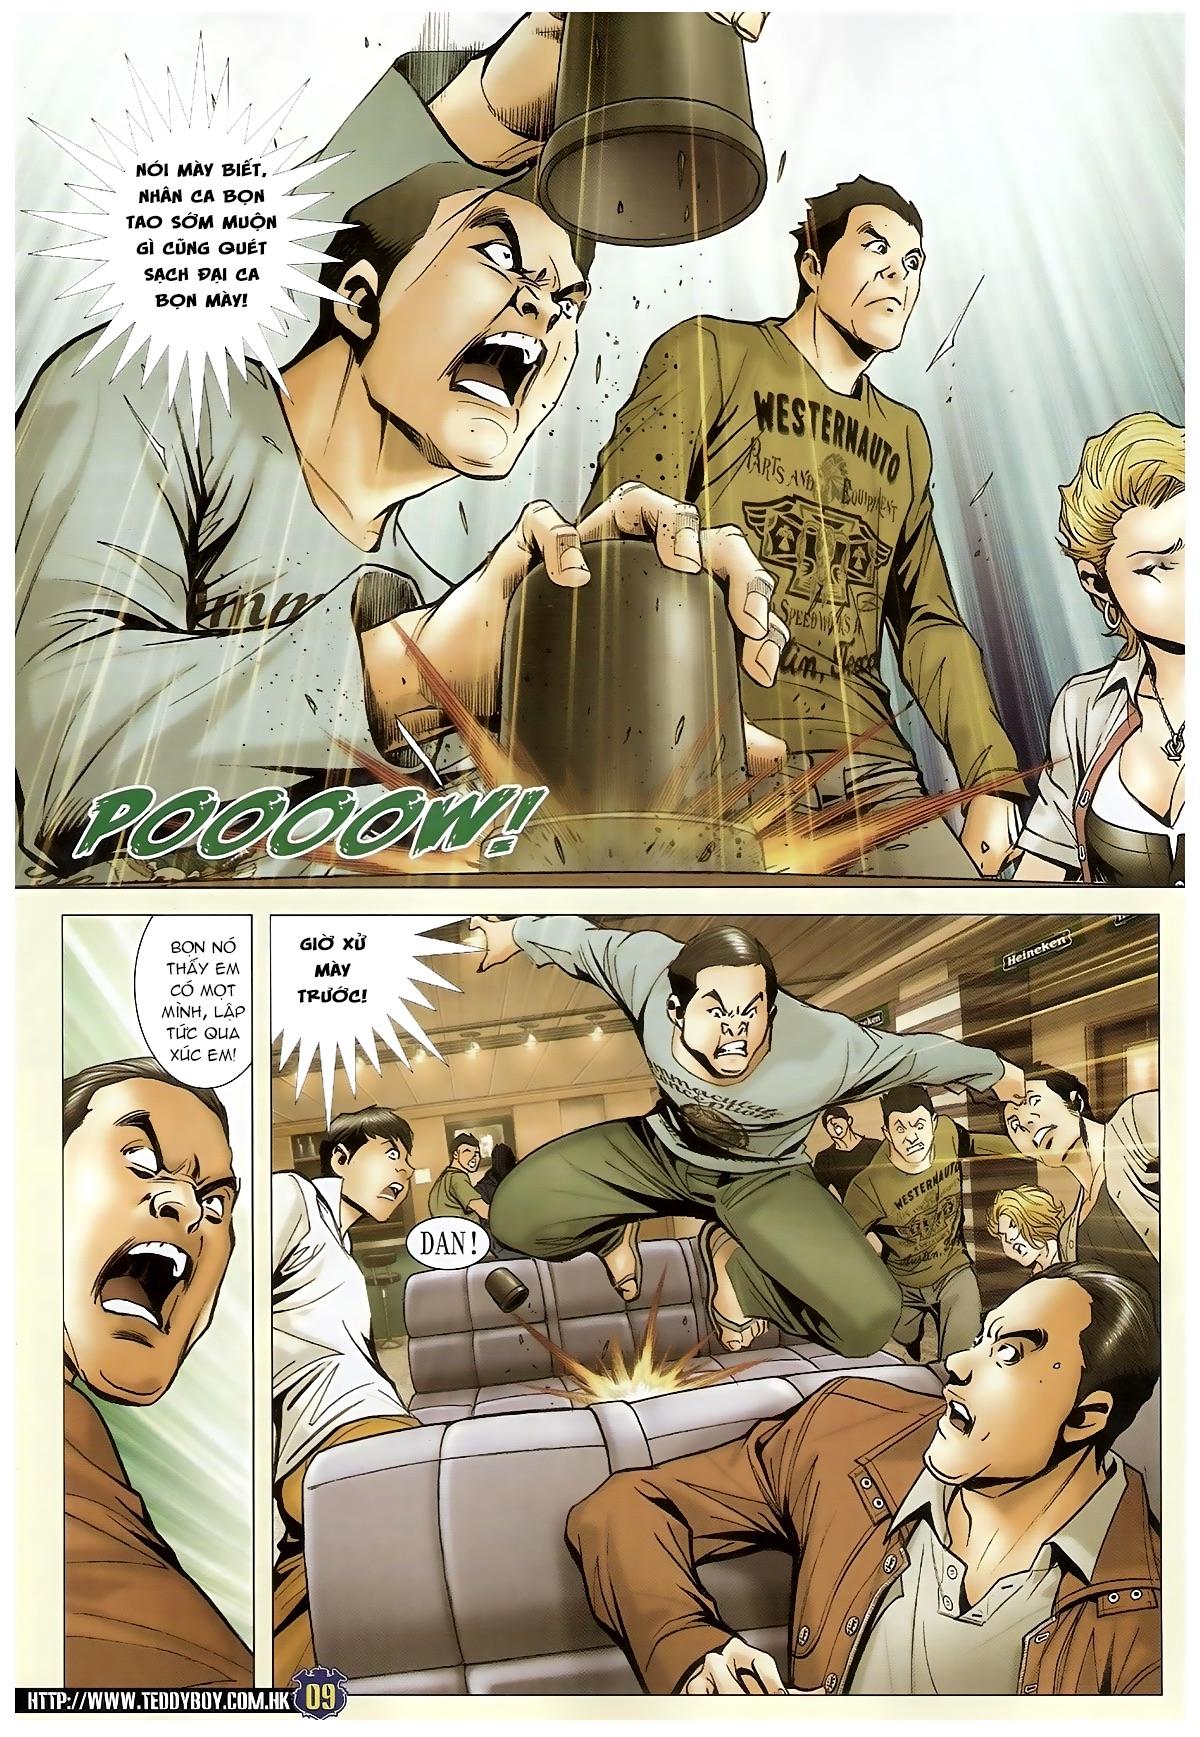 Người Trong Giang Hồ - Chapter 1493: Tốt bụng làm hỏng chuyện - Pic 8